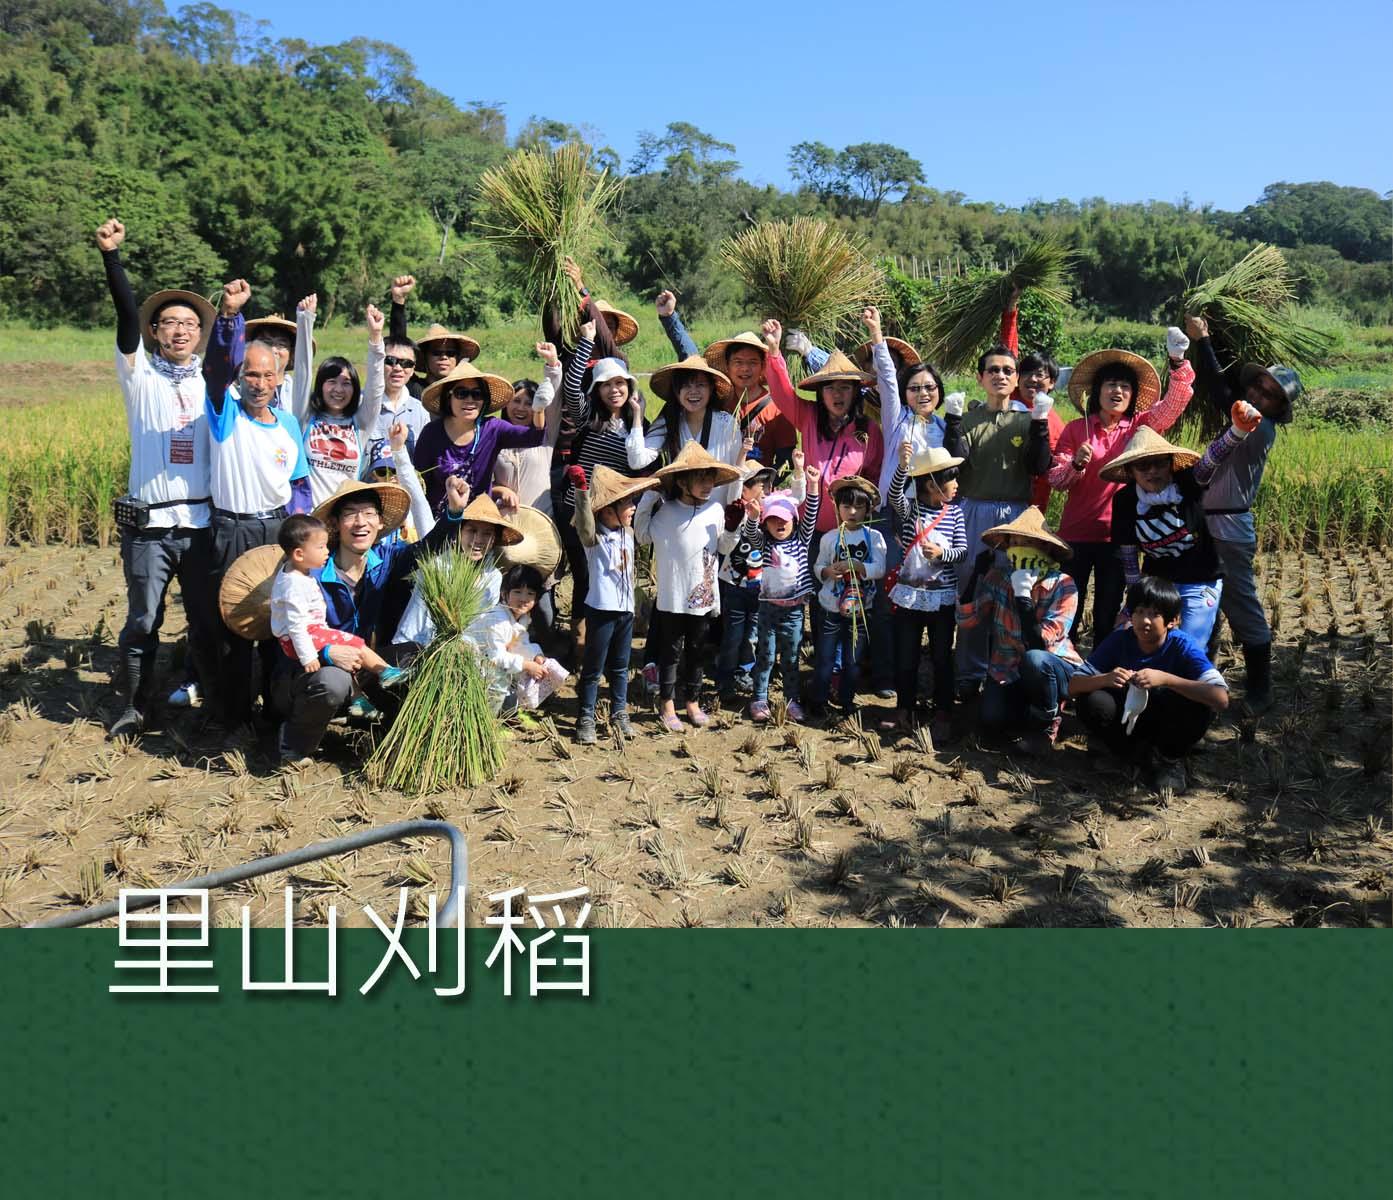 裡山體驗活動|里山刈稻 | 裡山塾